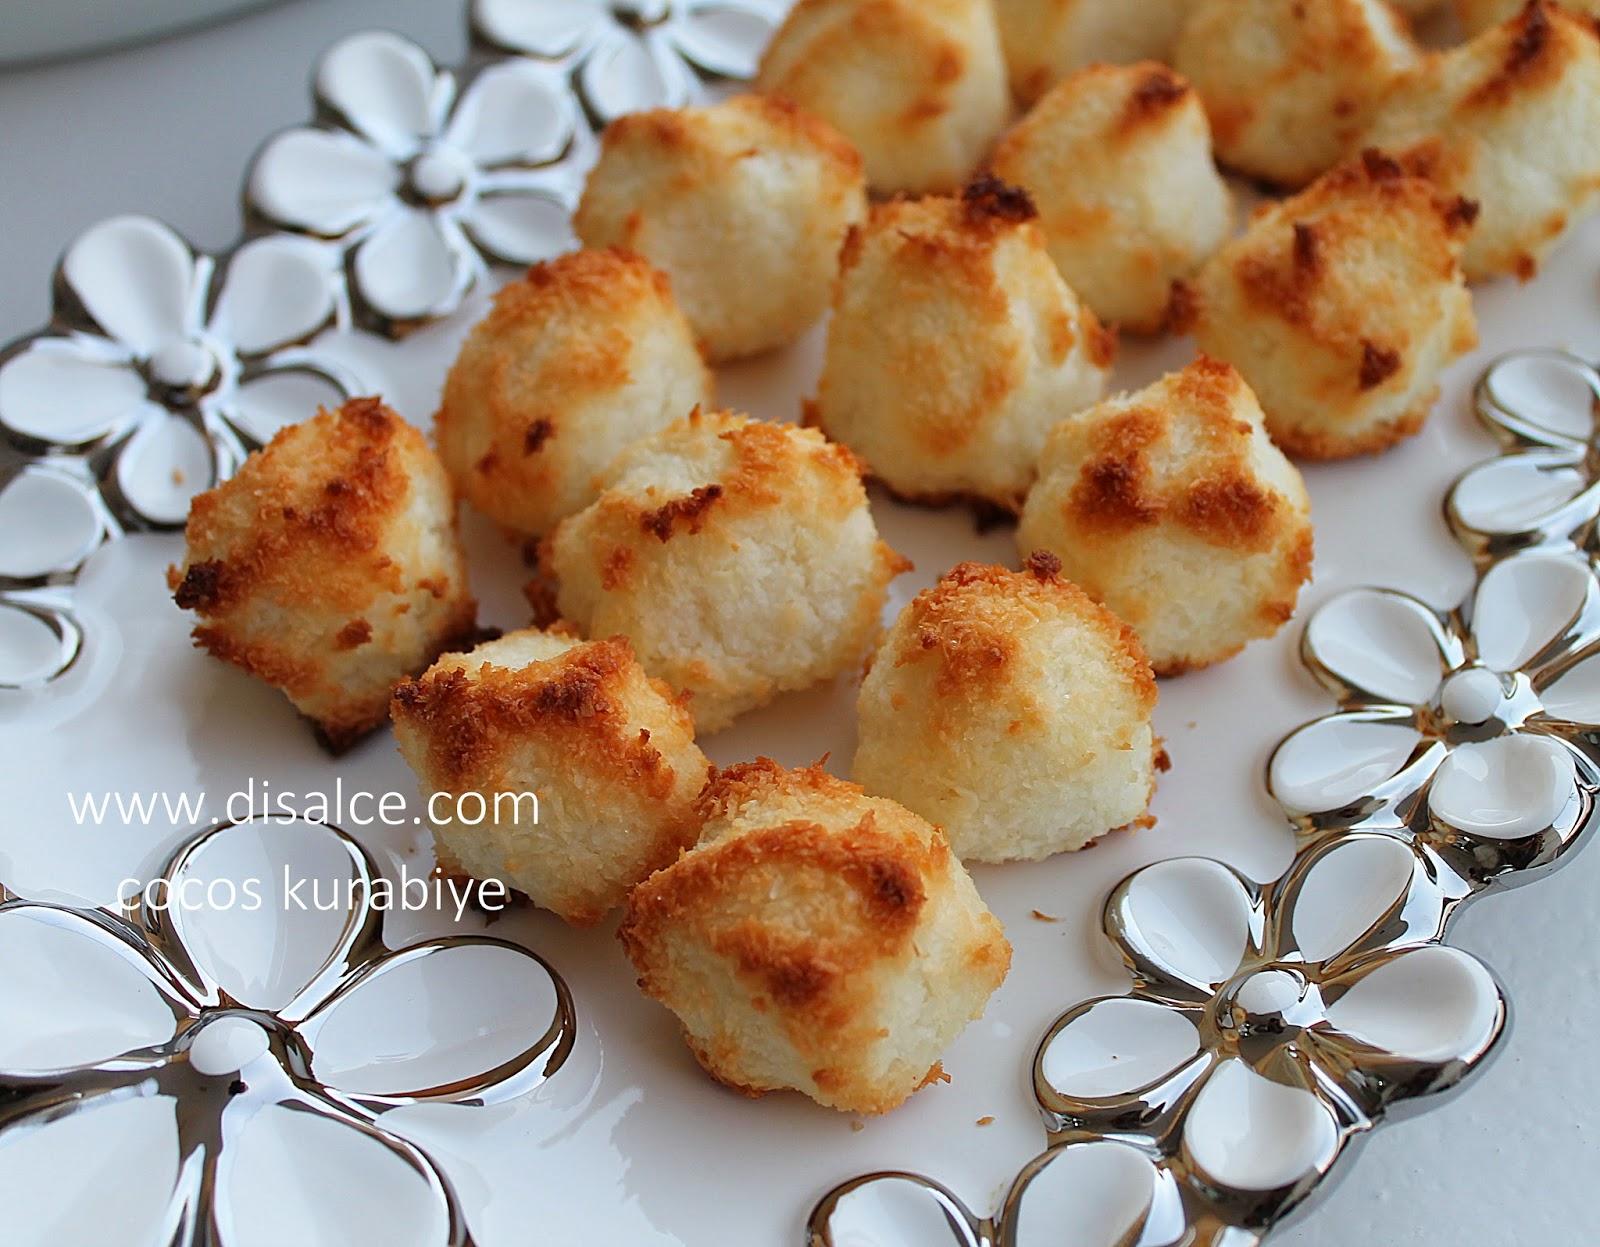 cocos kurabiye